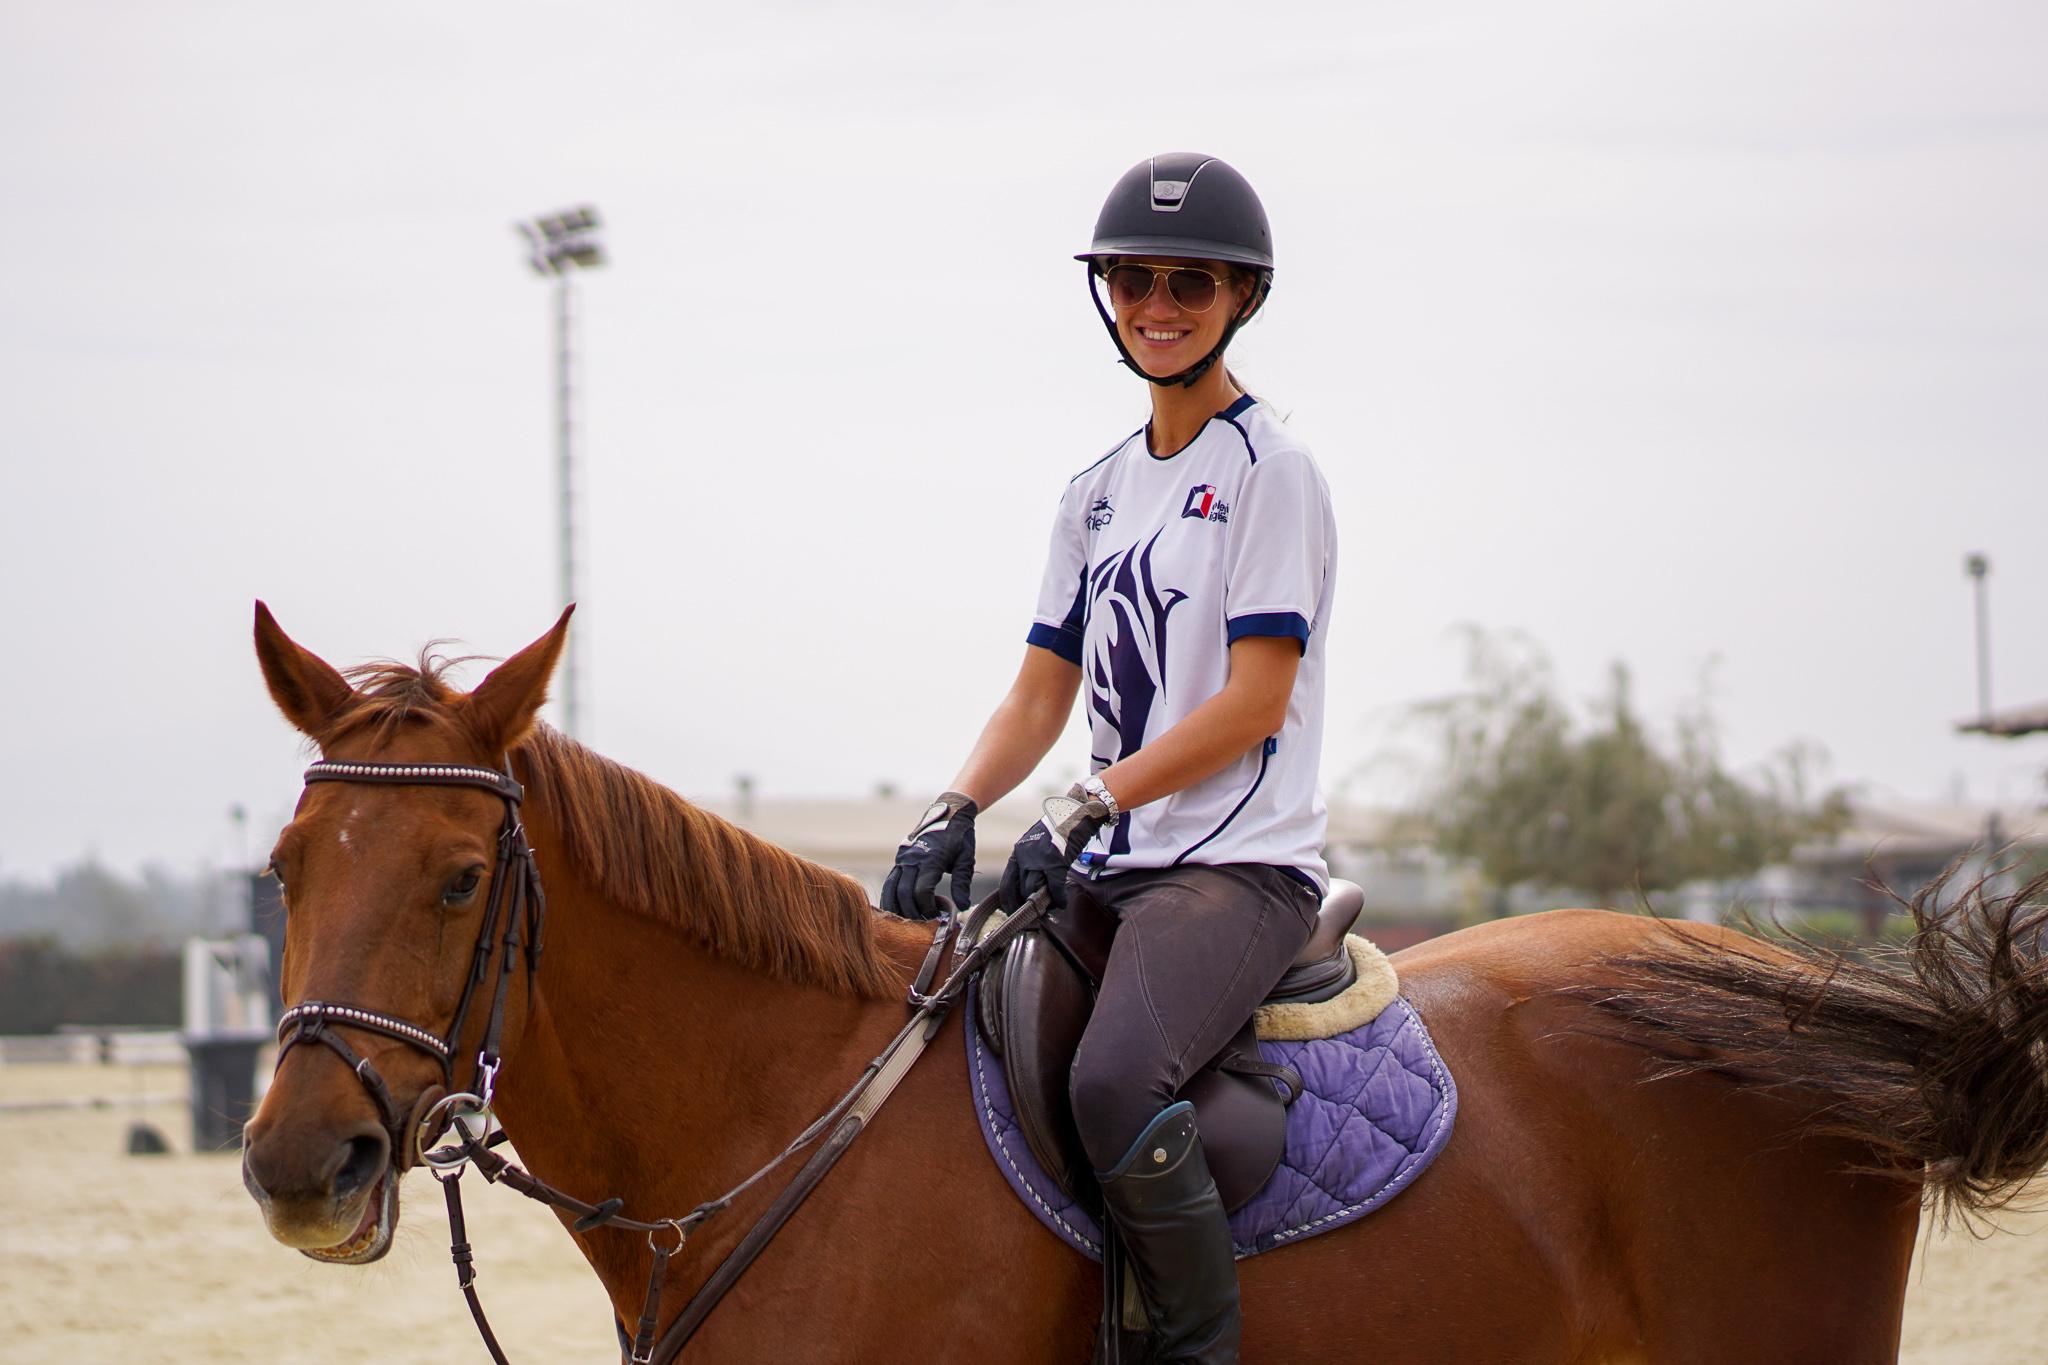 Clases de Equitación disfrutando